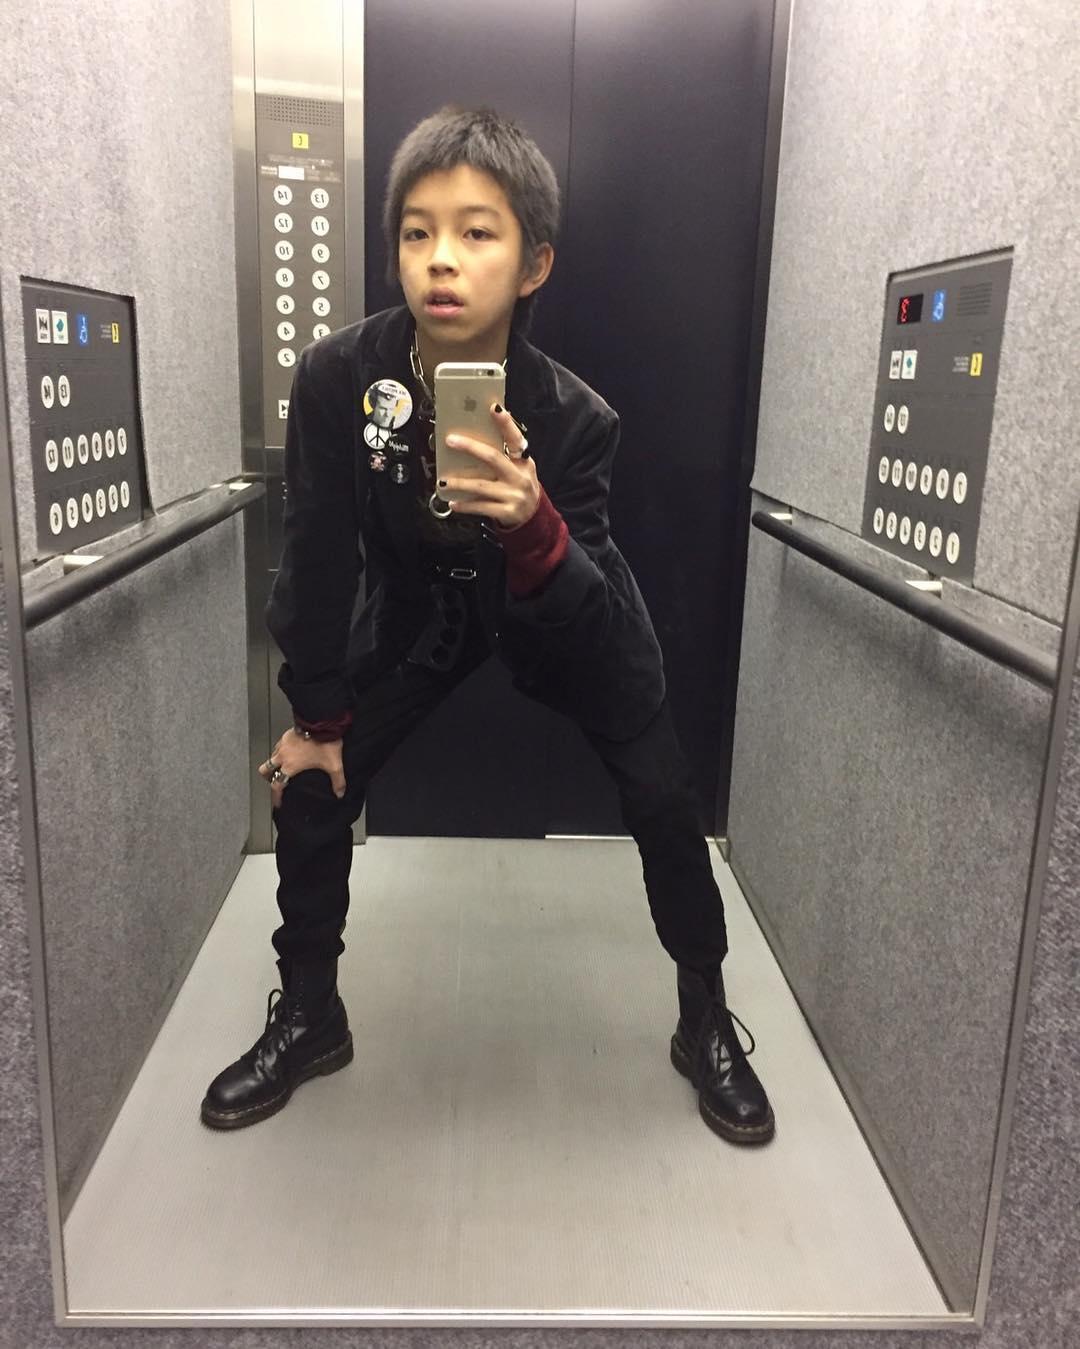 Kim Kardashian ư? Cậu nhóc 13 tuổi có style cực chất này mới là thánh selfie - Ảnh 11.